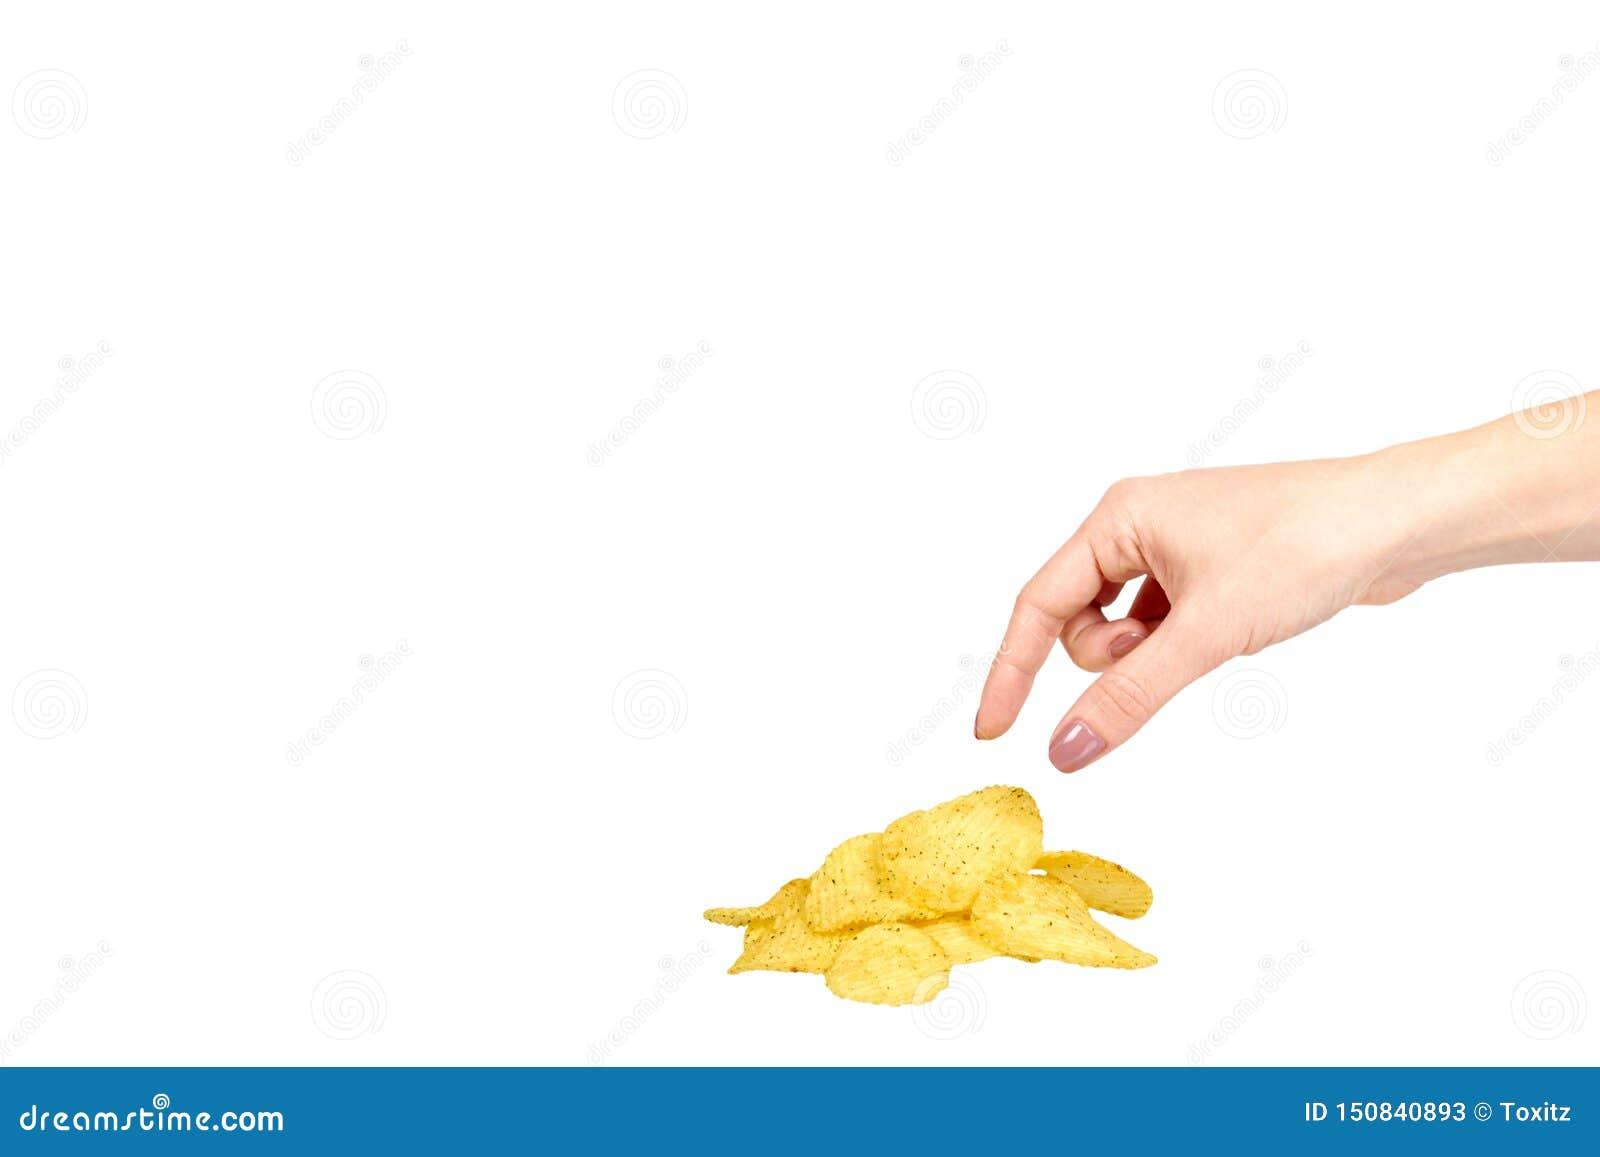 有金黄颜色薯片的手,嘎吱咬嚼和波浪